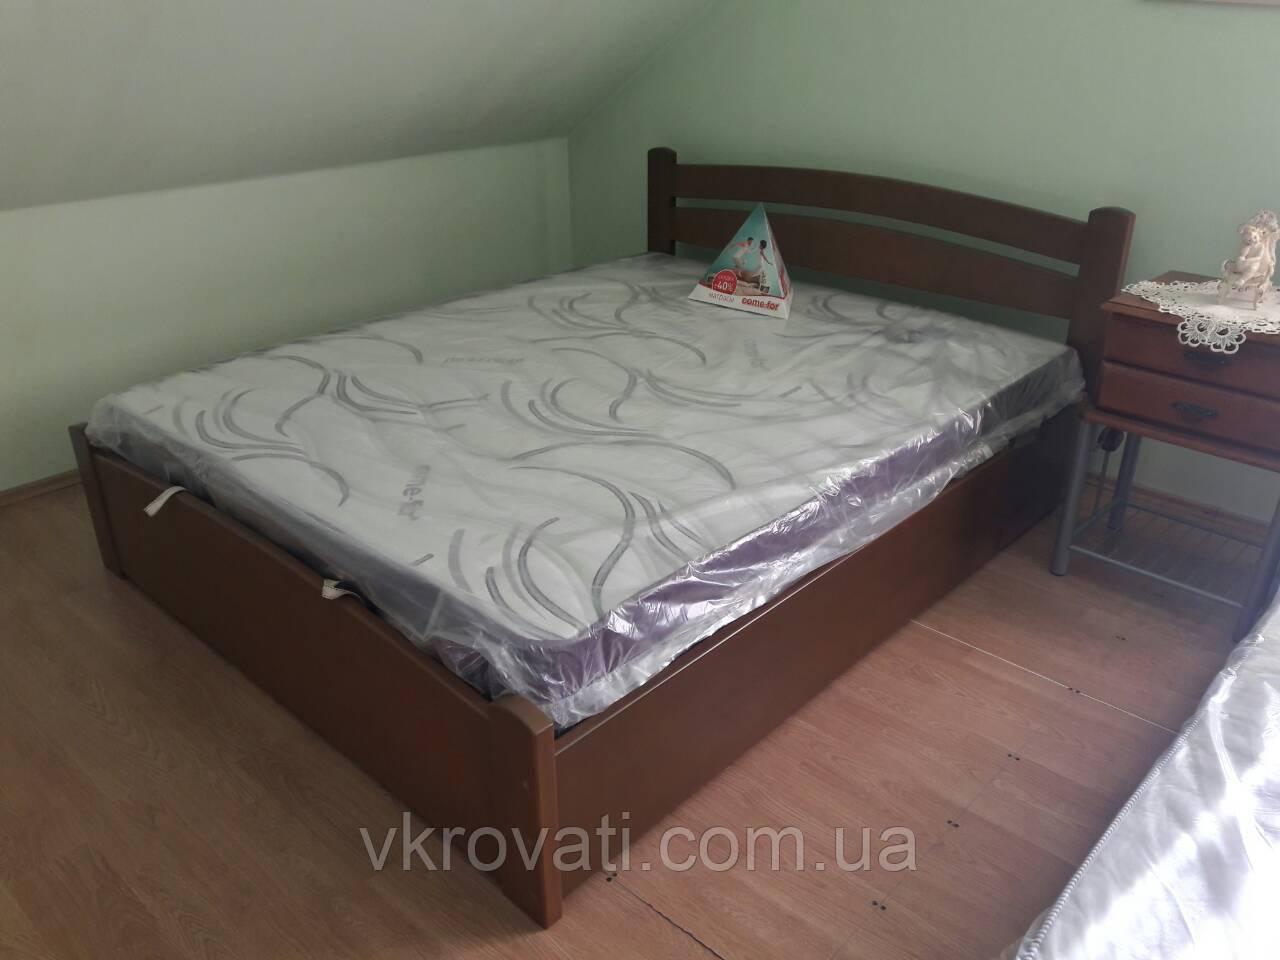 Кровать Деревянная с подъемным механизмом Милана Люкс